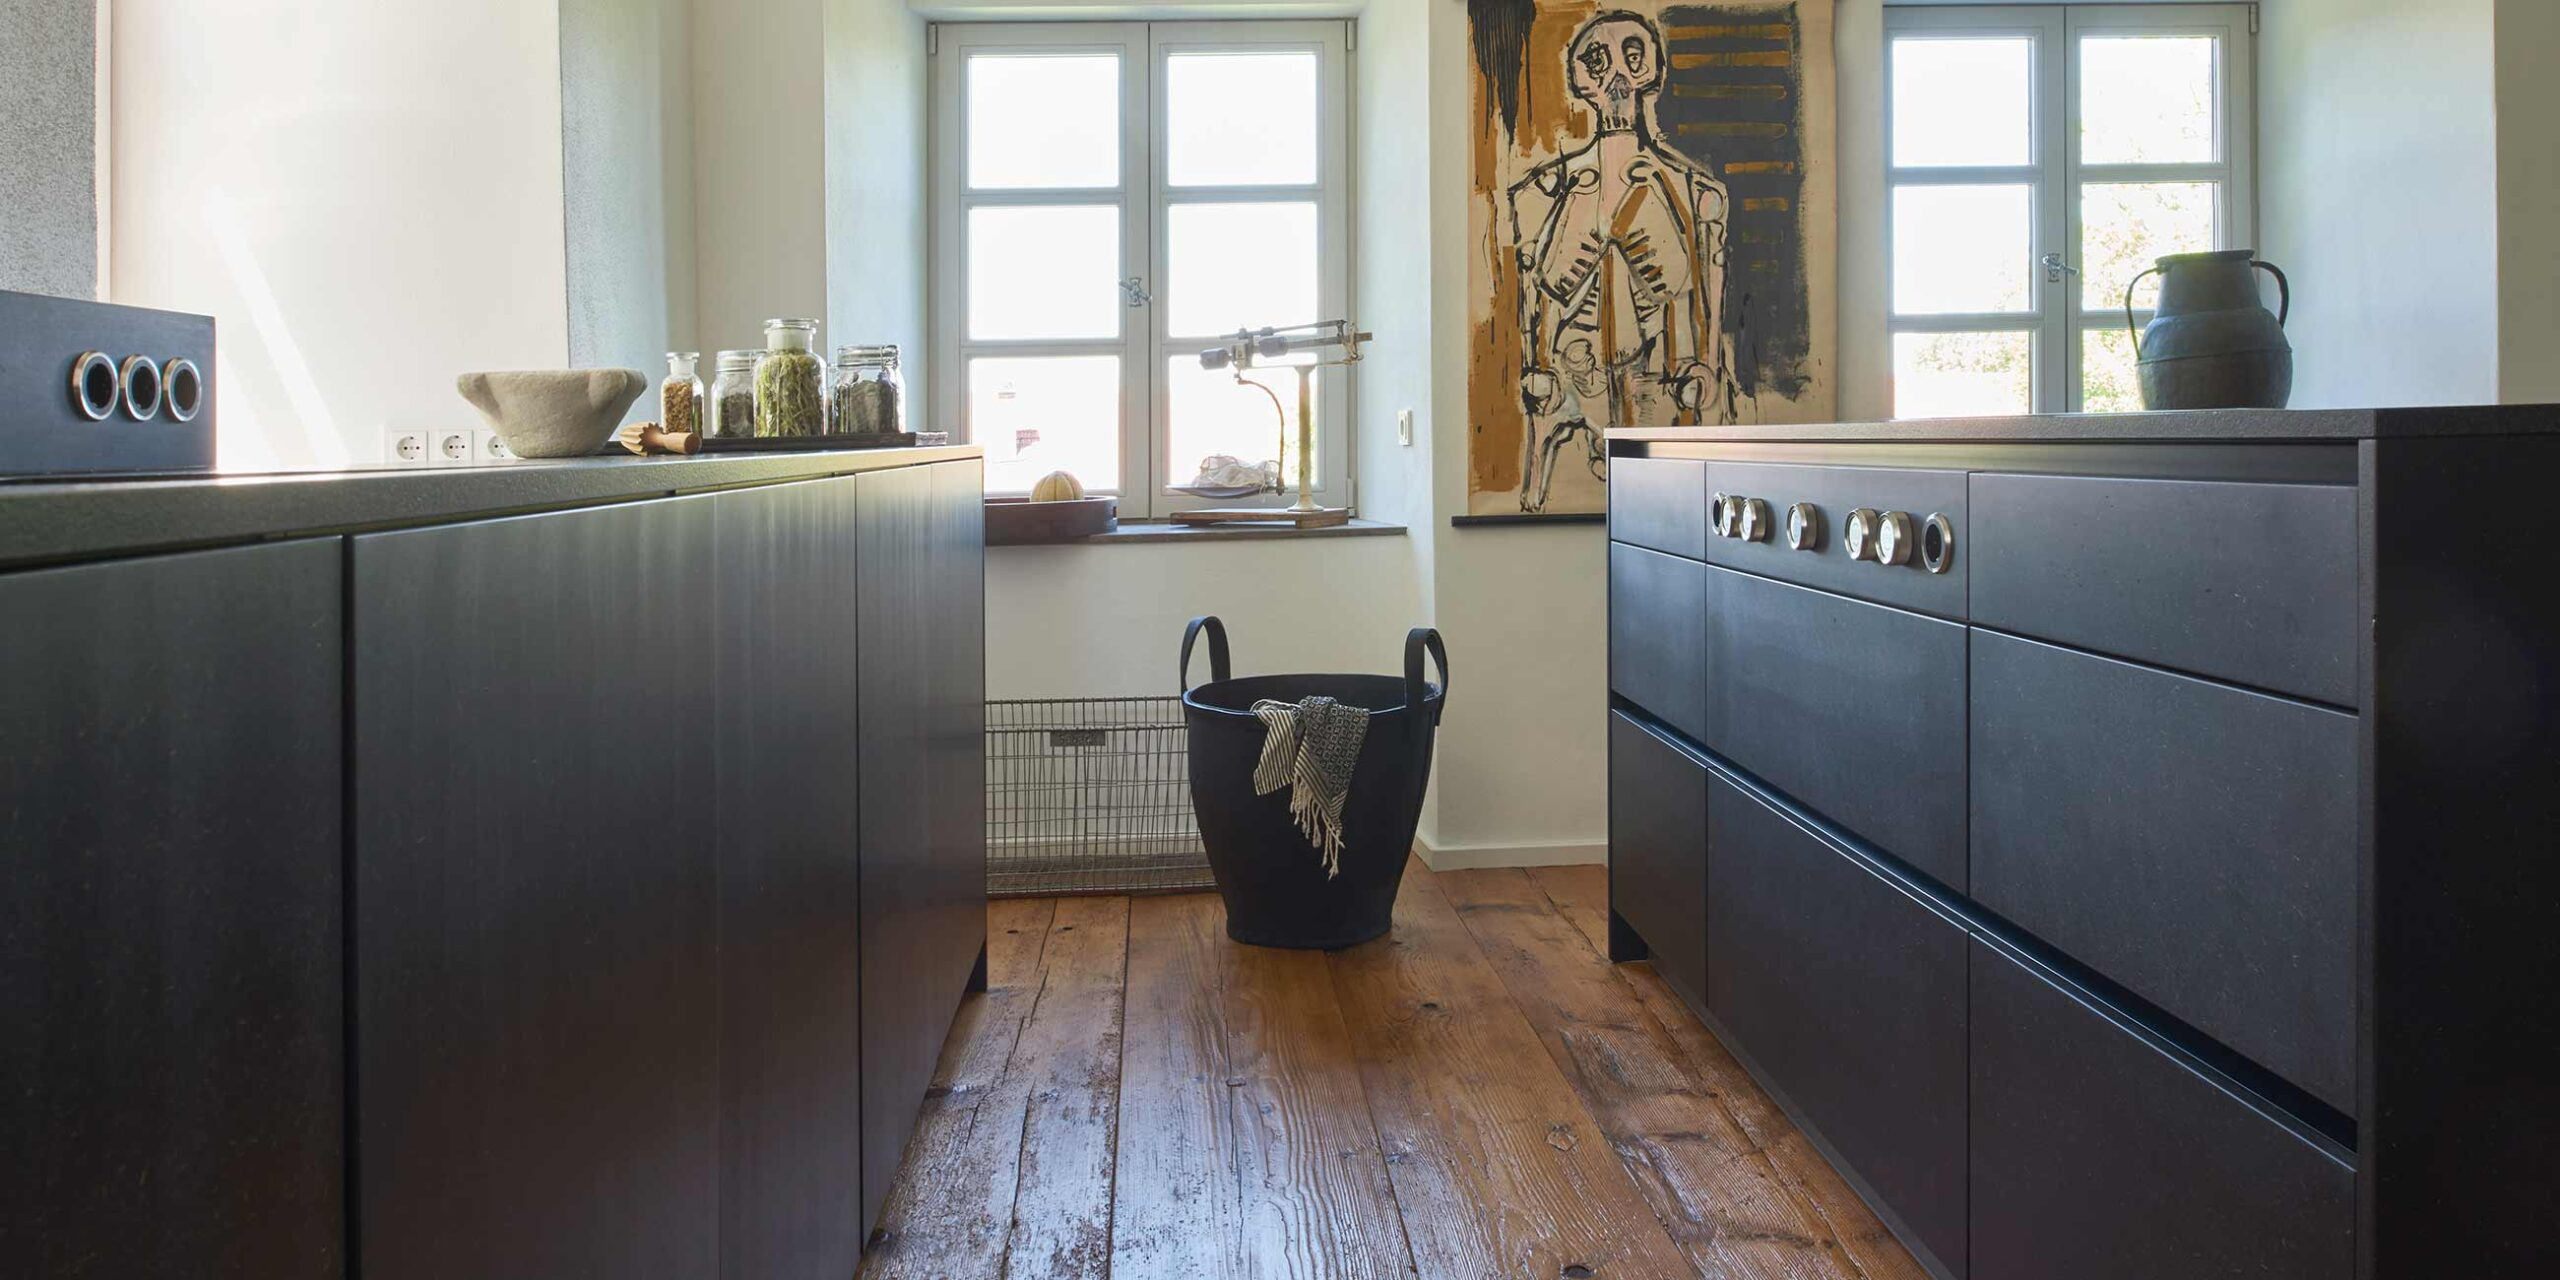 Full Size of Freistehende Küchen Moderne Kche In Alter Villa Werkhaus Kchen Designkchen Aus Küche Regal Wohnzimmer Freistehende Küchen